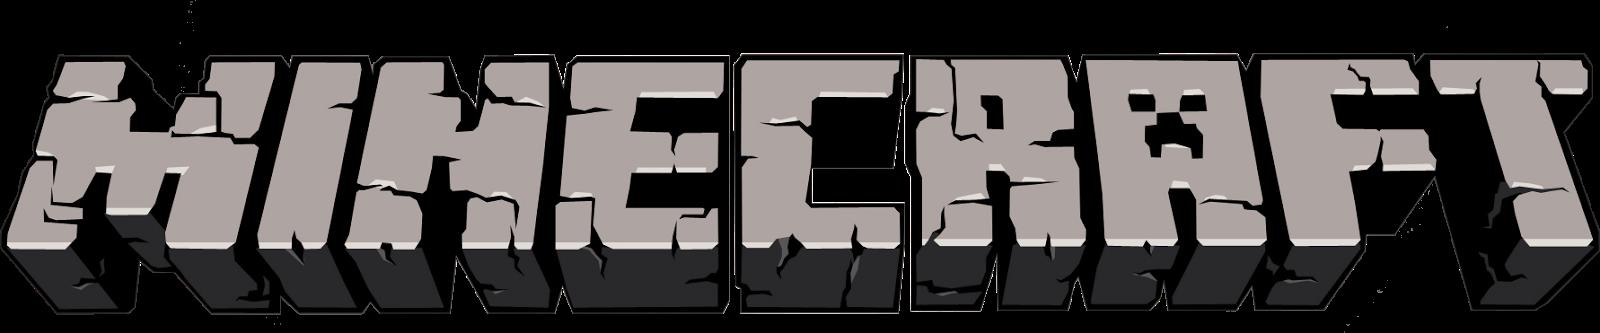 history-creeper-07-minecraft-logo